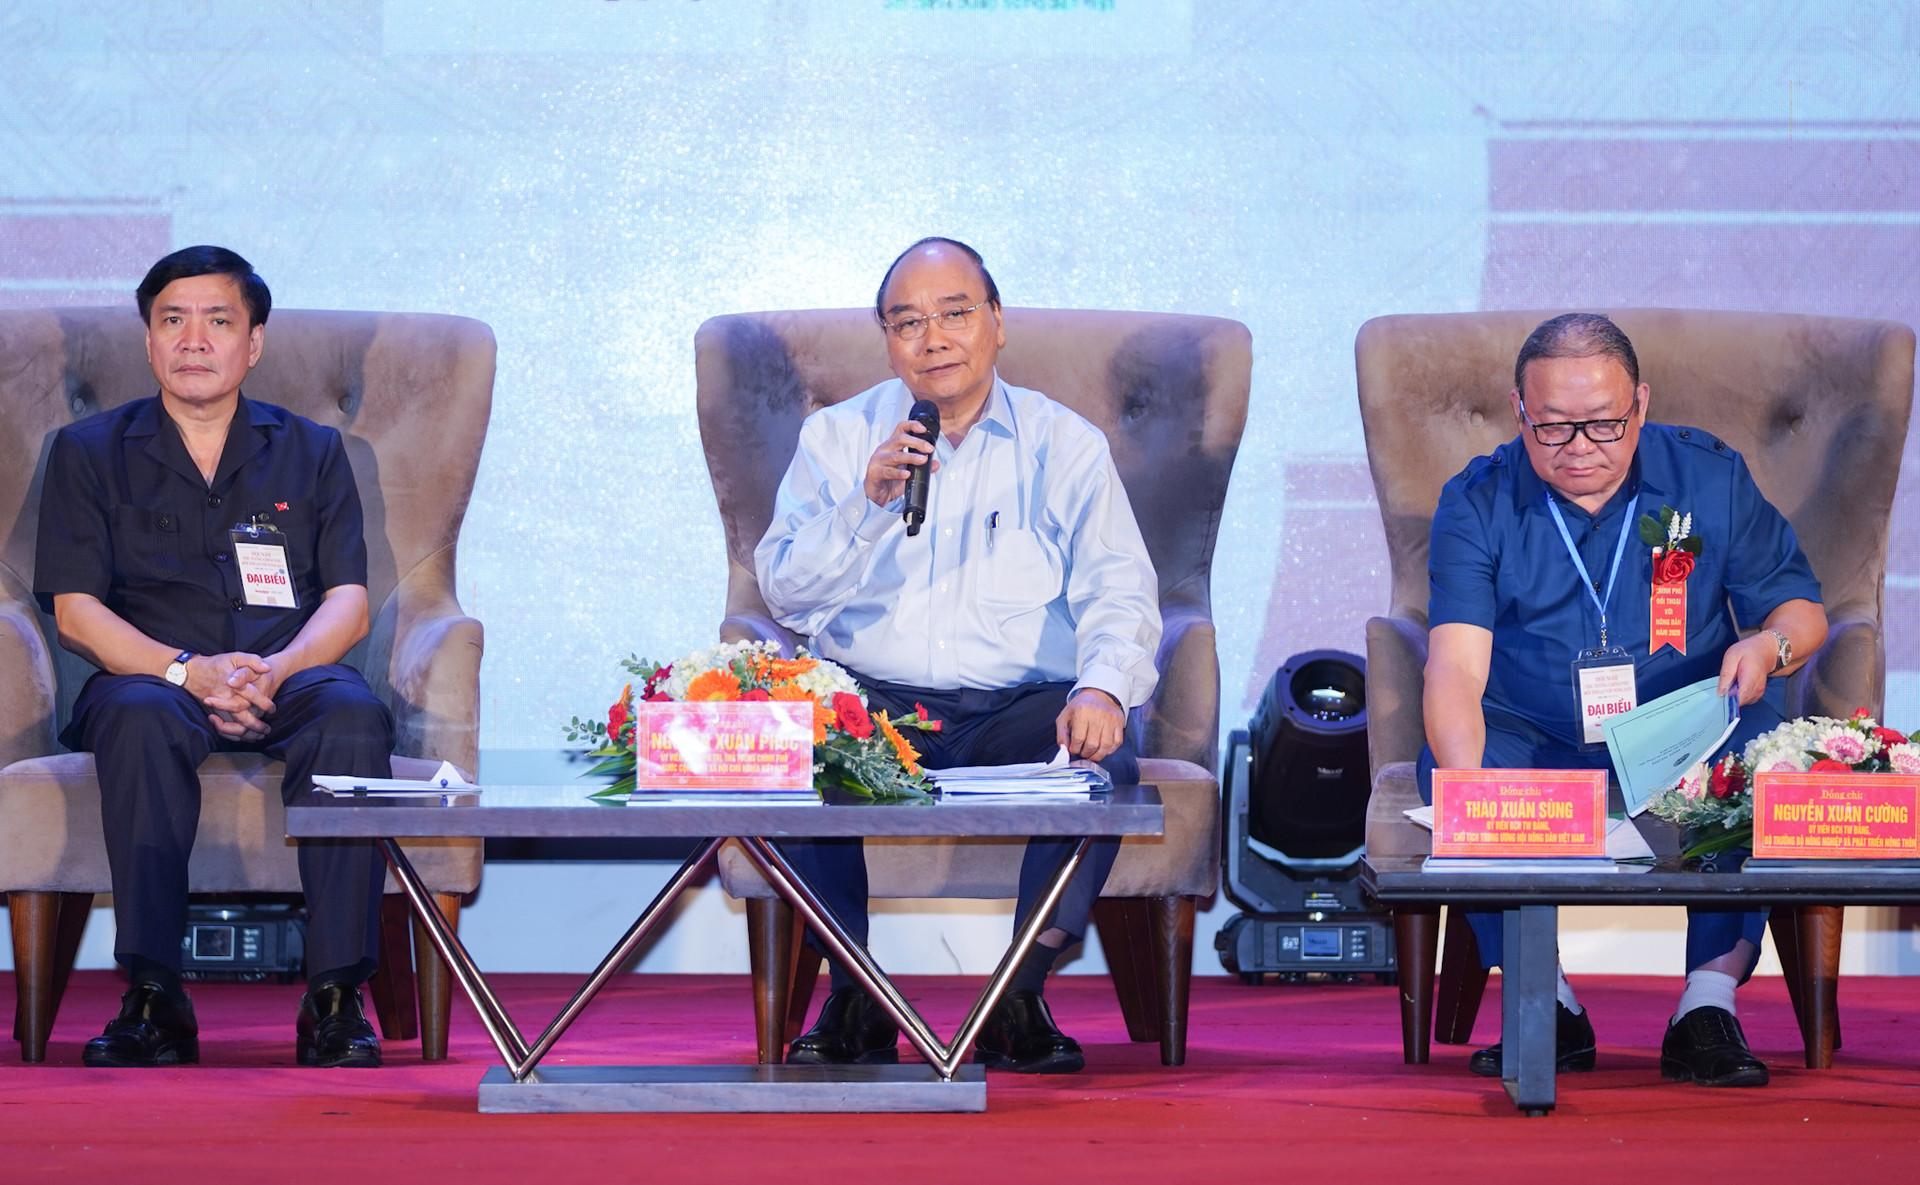 Thủ tướng: Dồn sức đầu tư cho nông nghiệp, nông dân